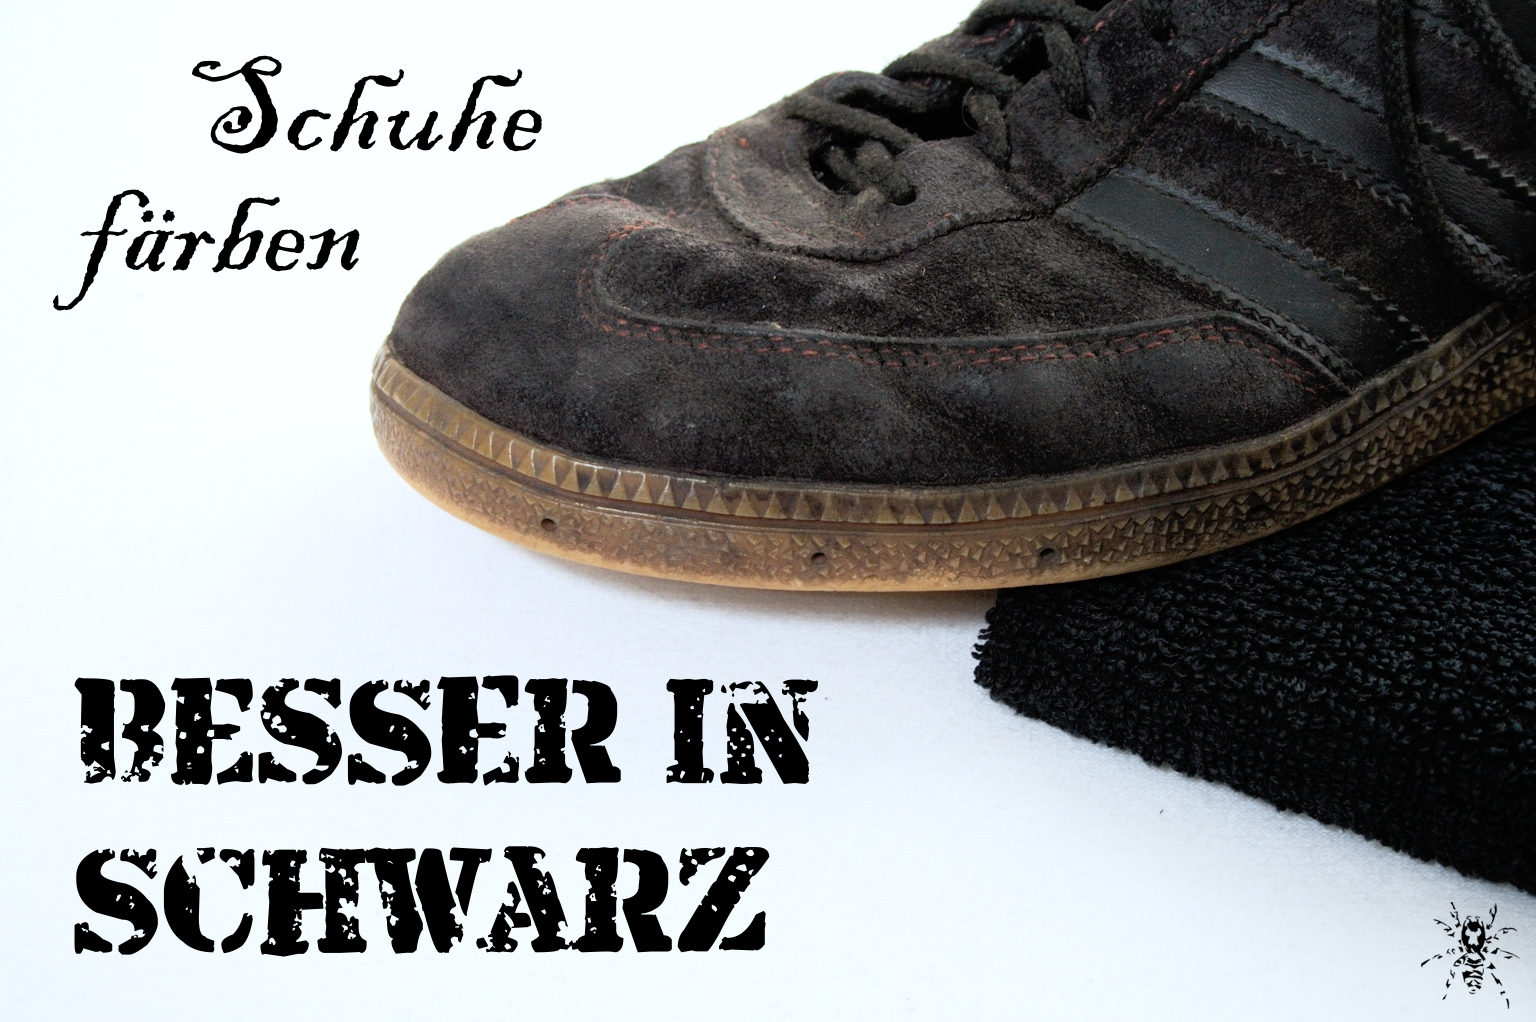 Besser in schwarz Schuhe färben Zebraspider DIY Anti